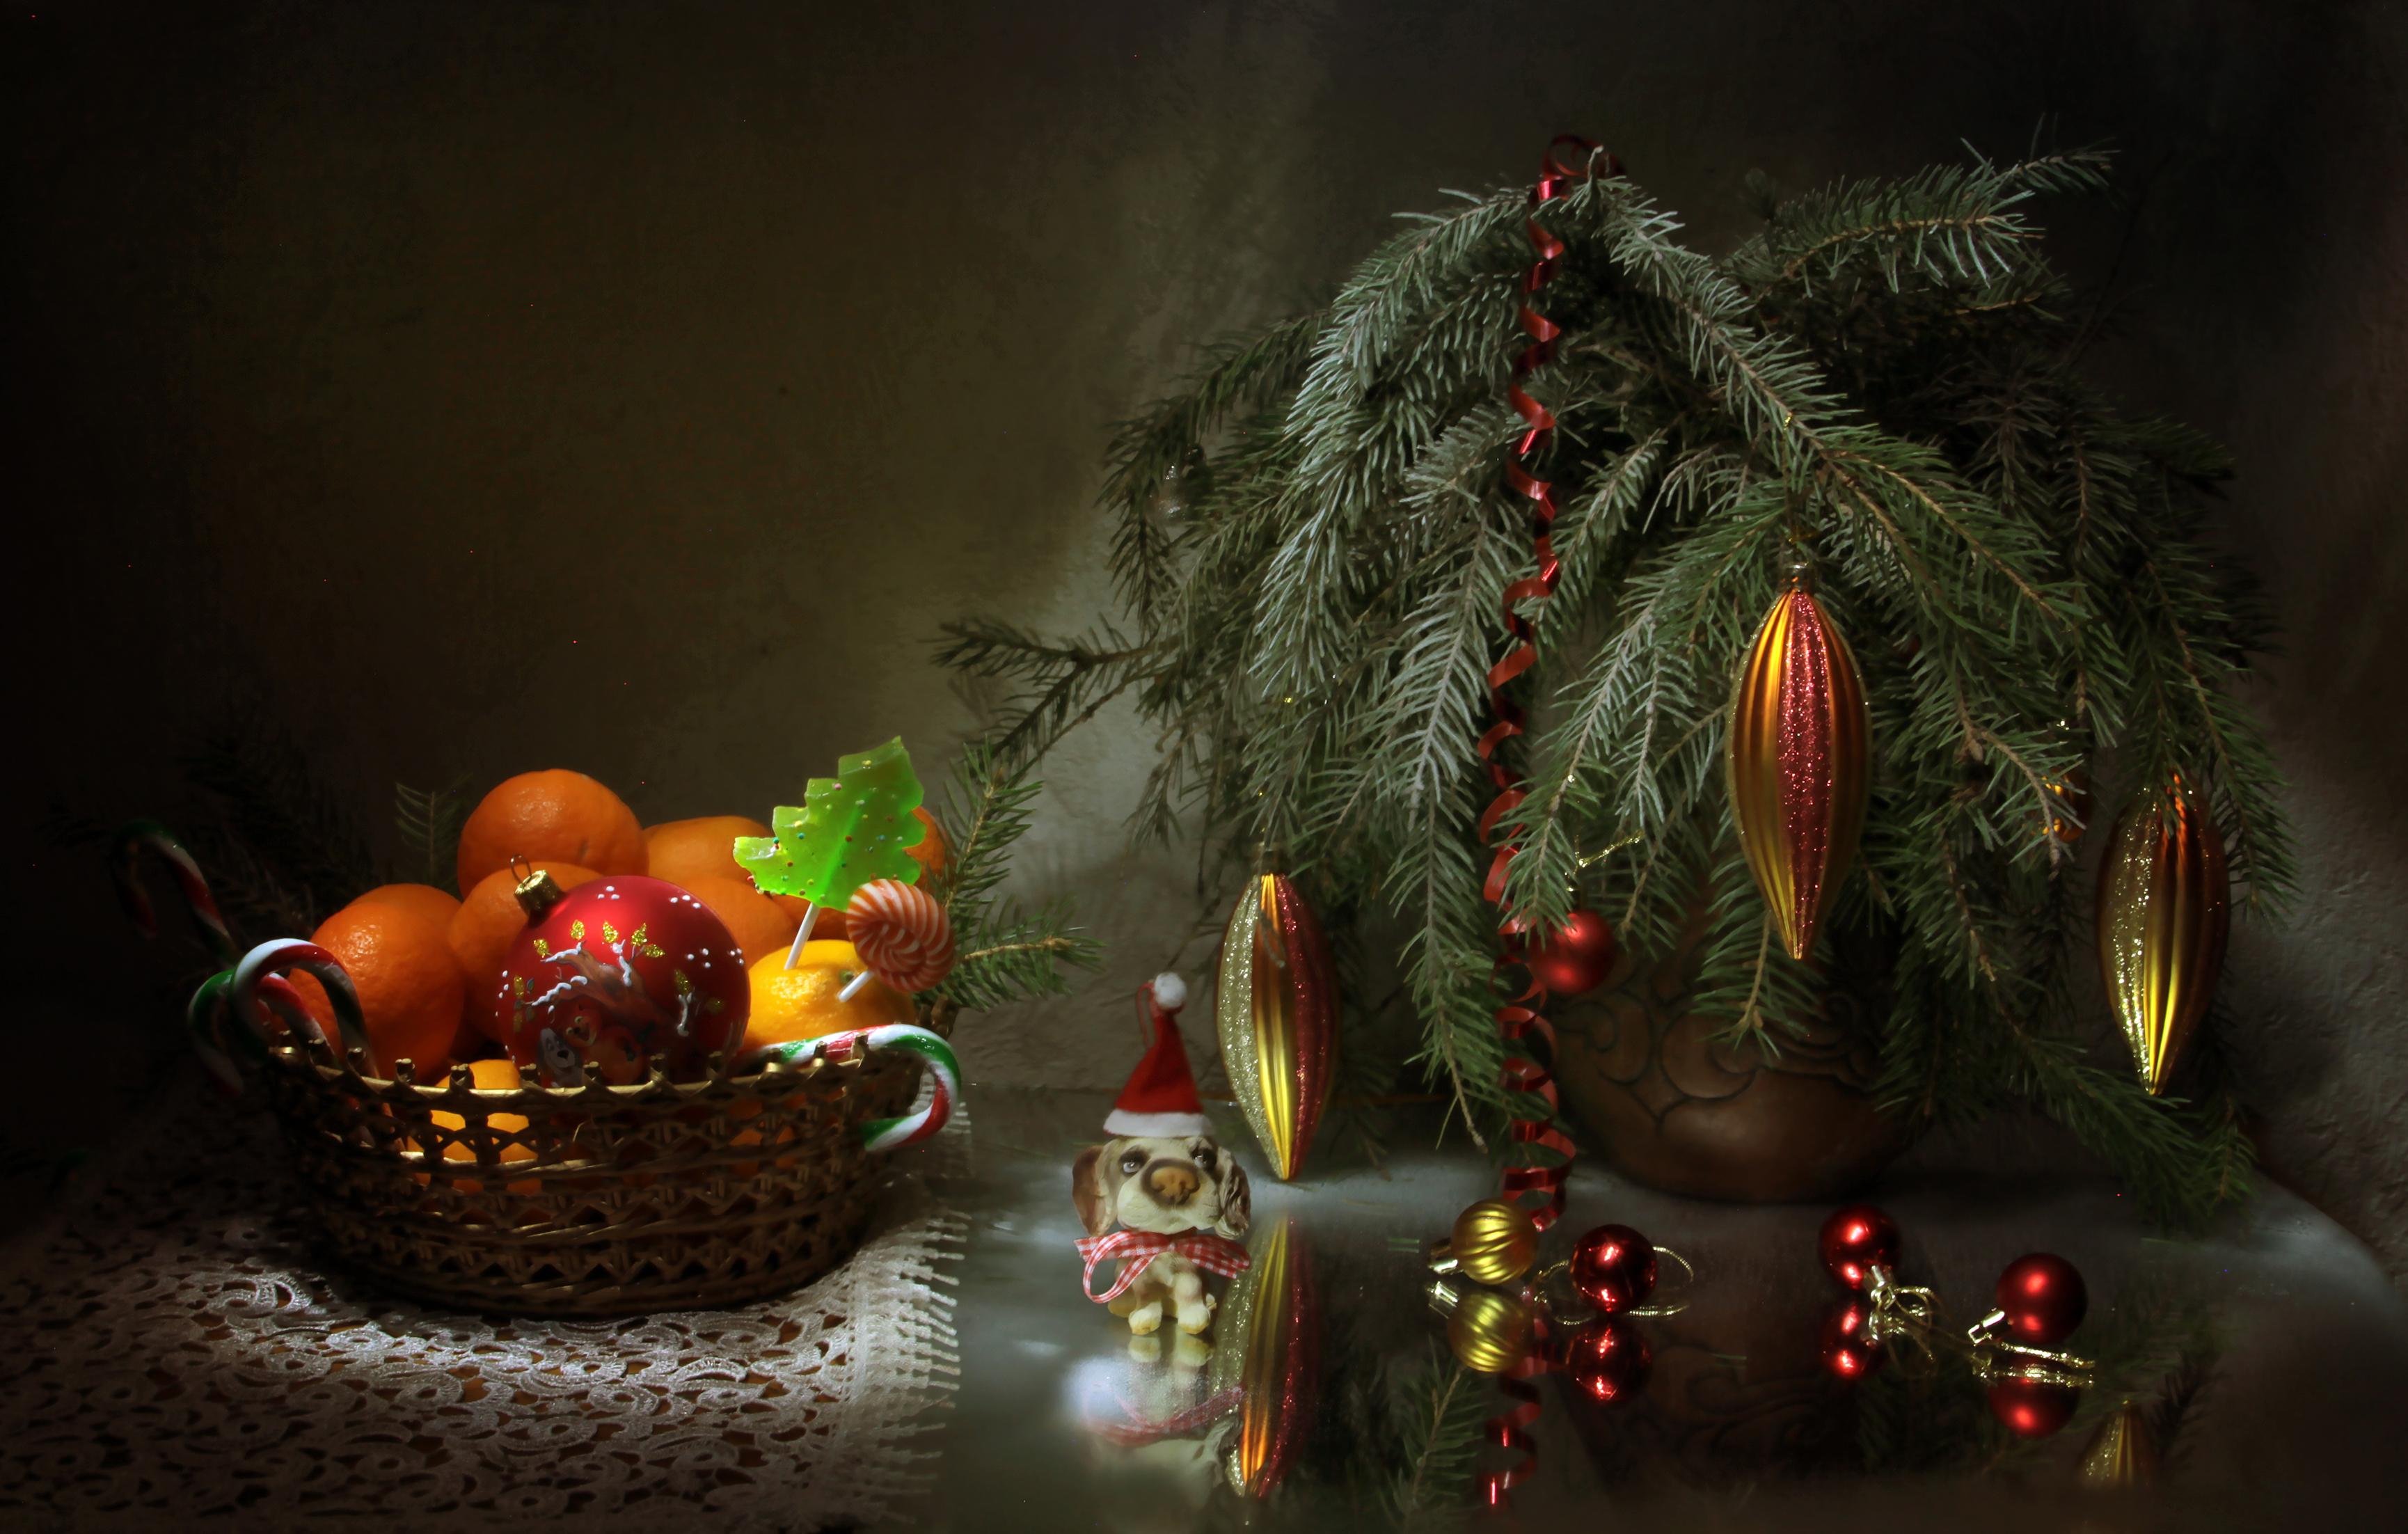 Картинка Новый год Леденцы Мандарины Еда ветвь Шарики Сладости 3460x2204 Рождество Шар Пища ветка Ветки на ветке Продукты питания сладкая еда